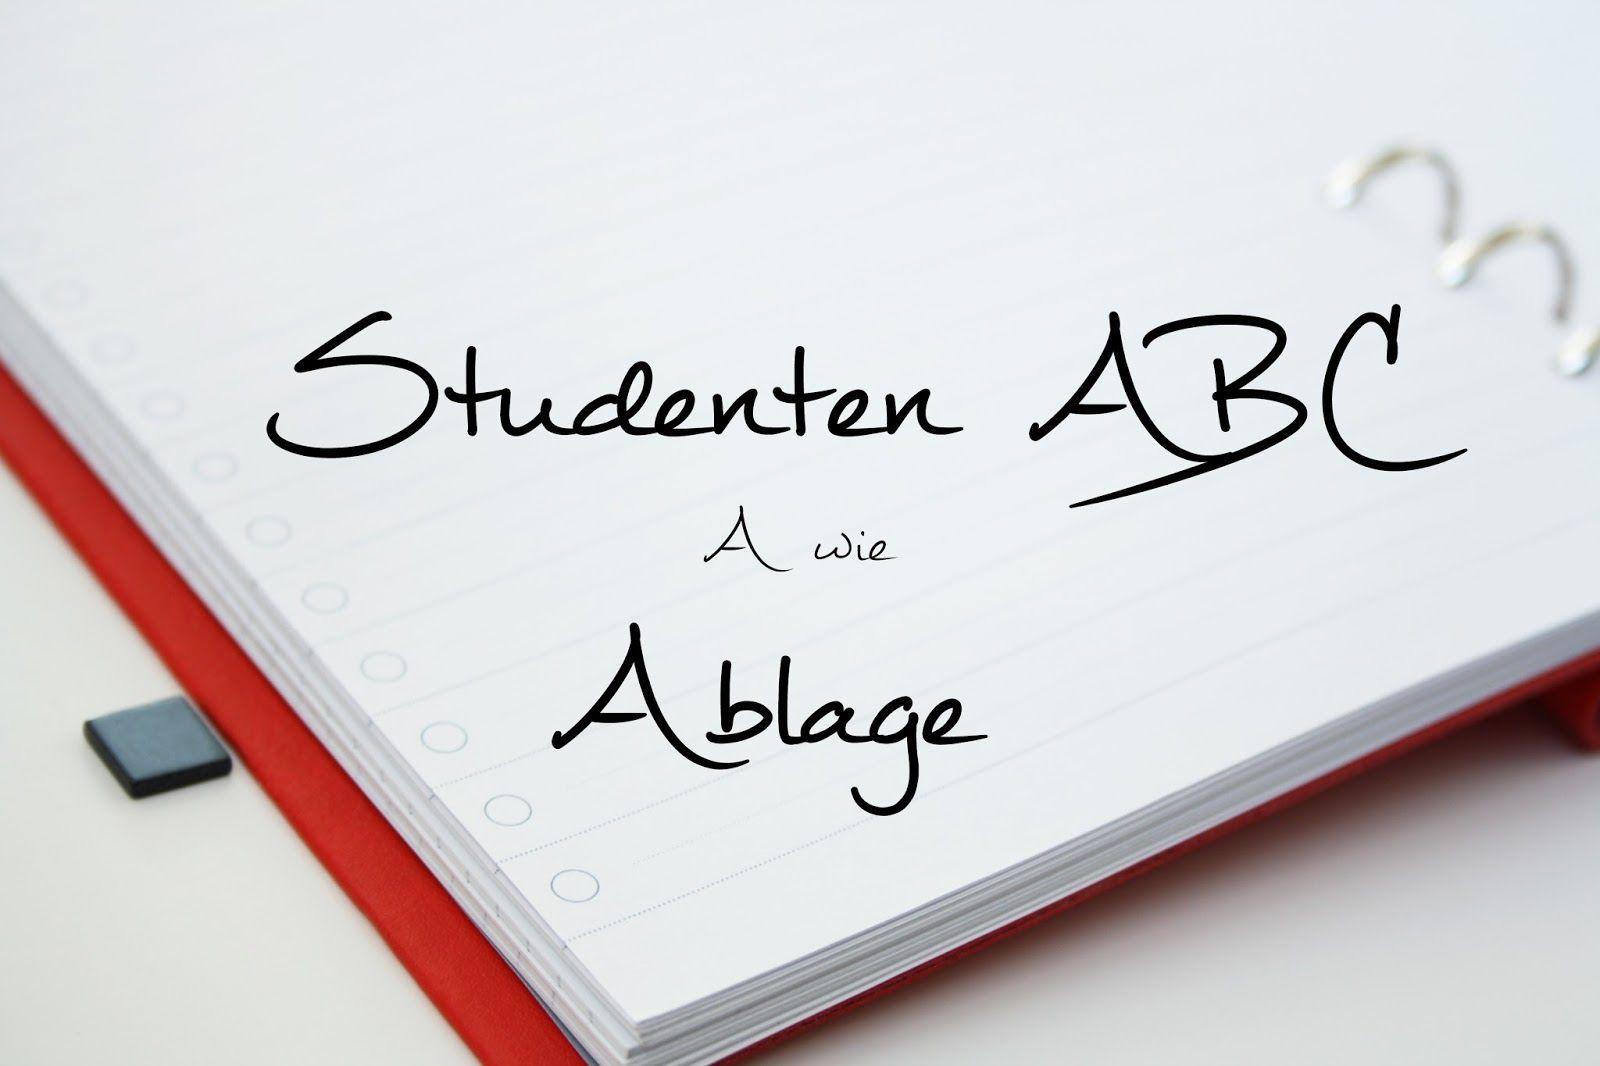 A wie Ablage | Studenten ABC